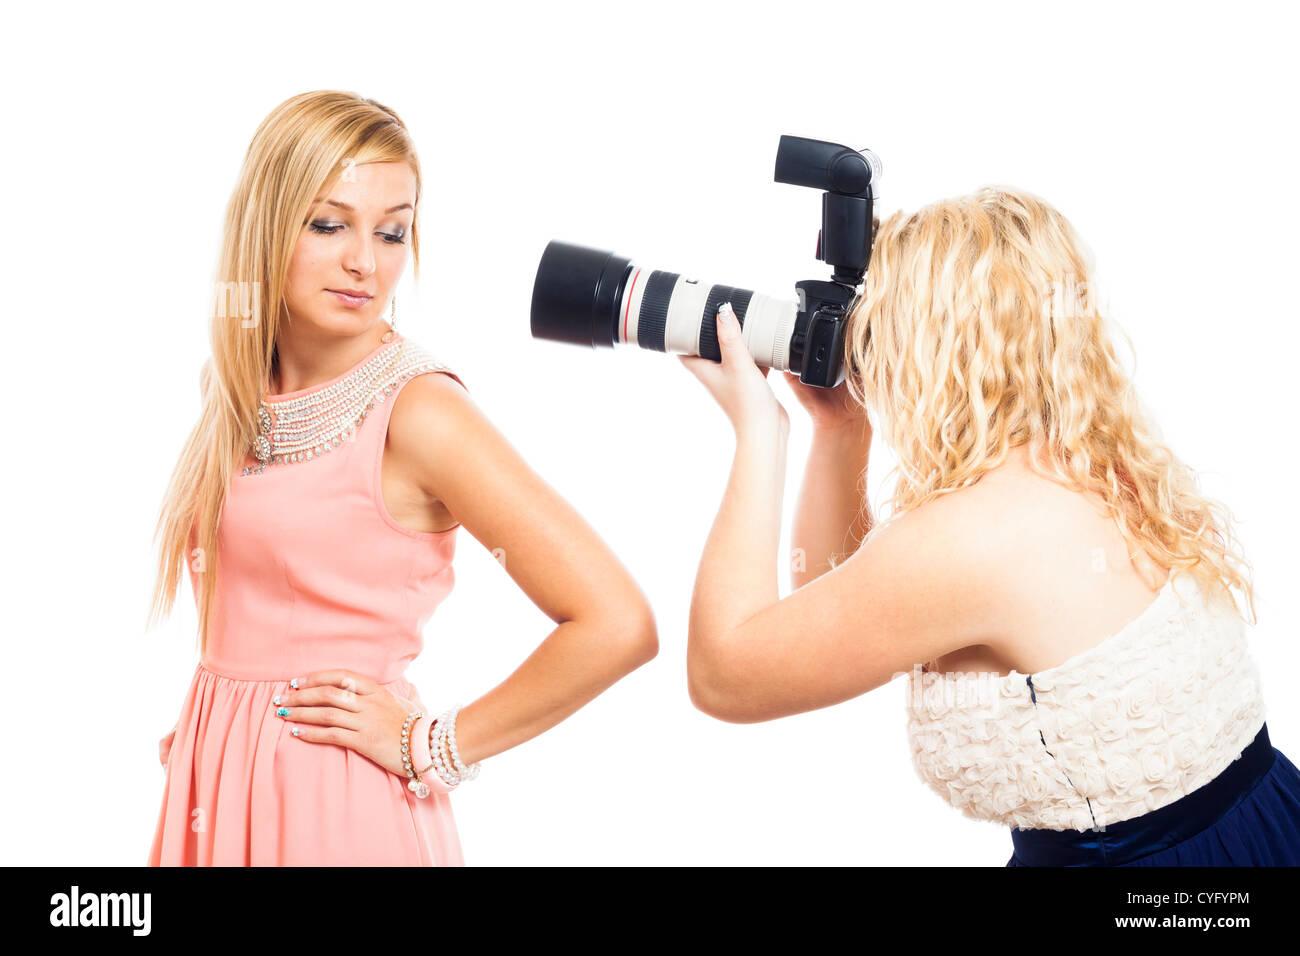 Mode femme photographe travaillant avec modèle, isolé sur fond blanc. Photo Stock